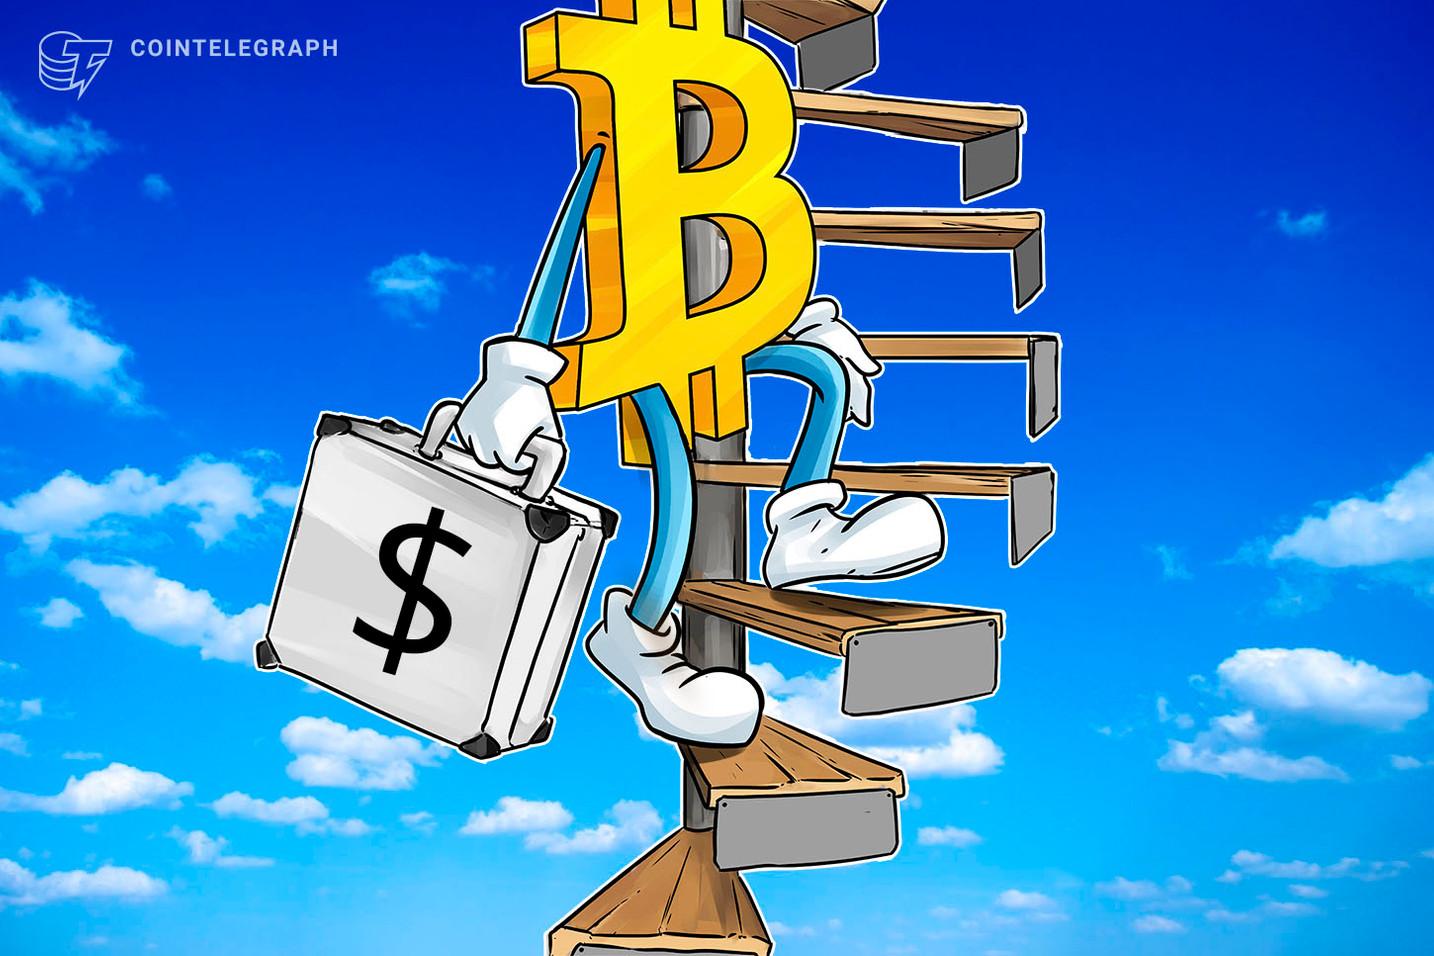 El precio de Bitcoin busca reanudar el ciclo alcista tras superar los USD 34,000